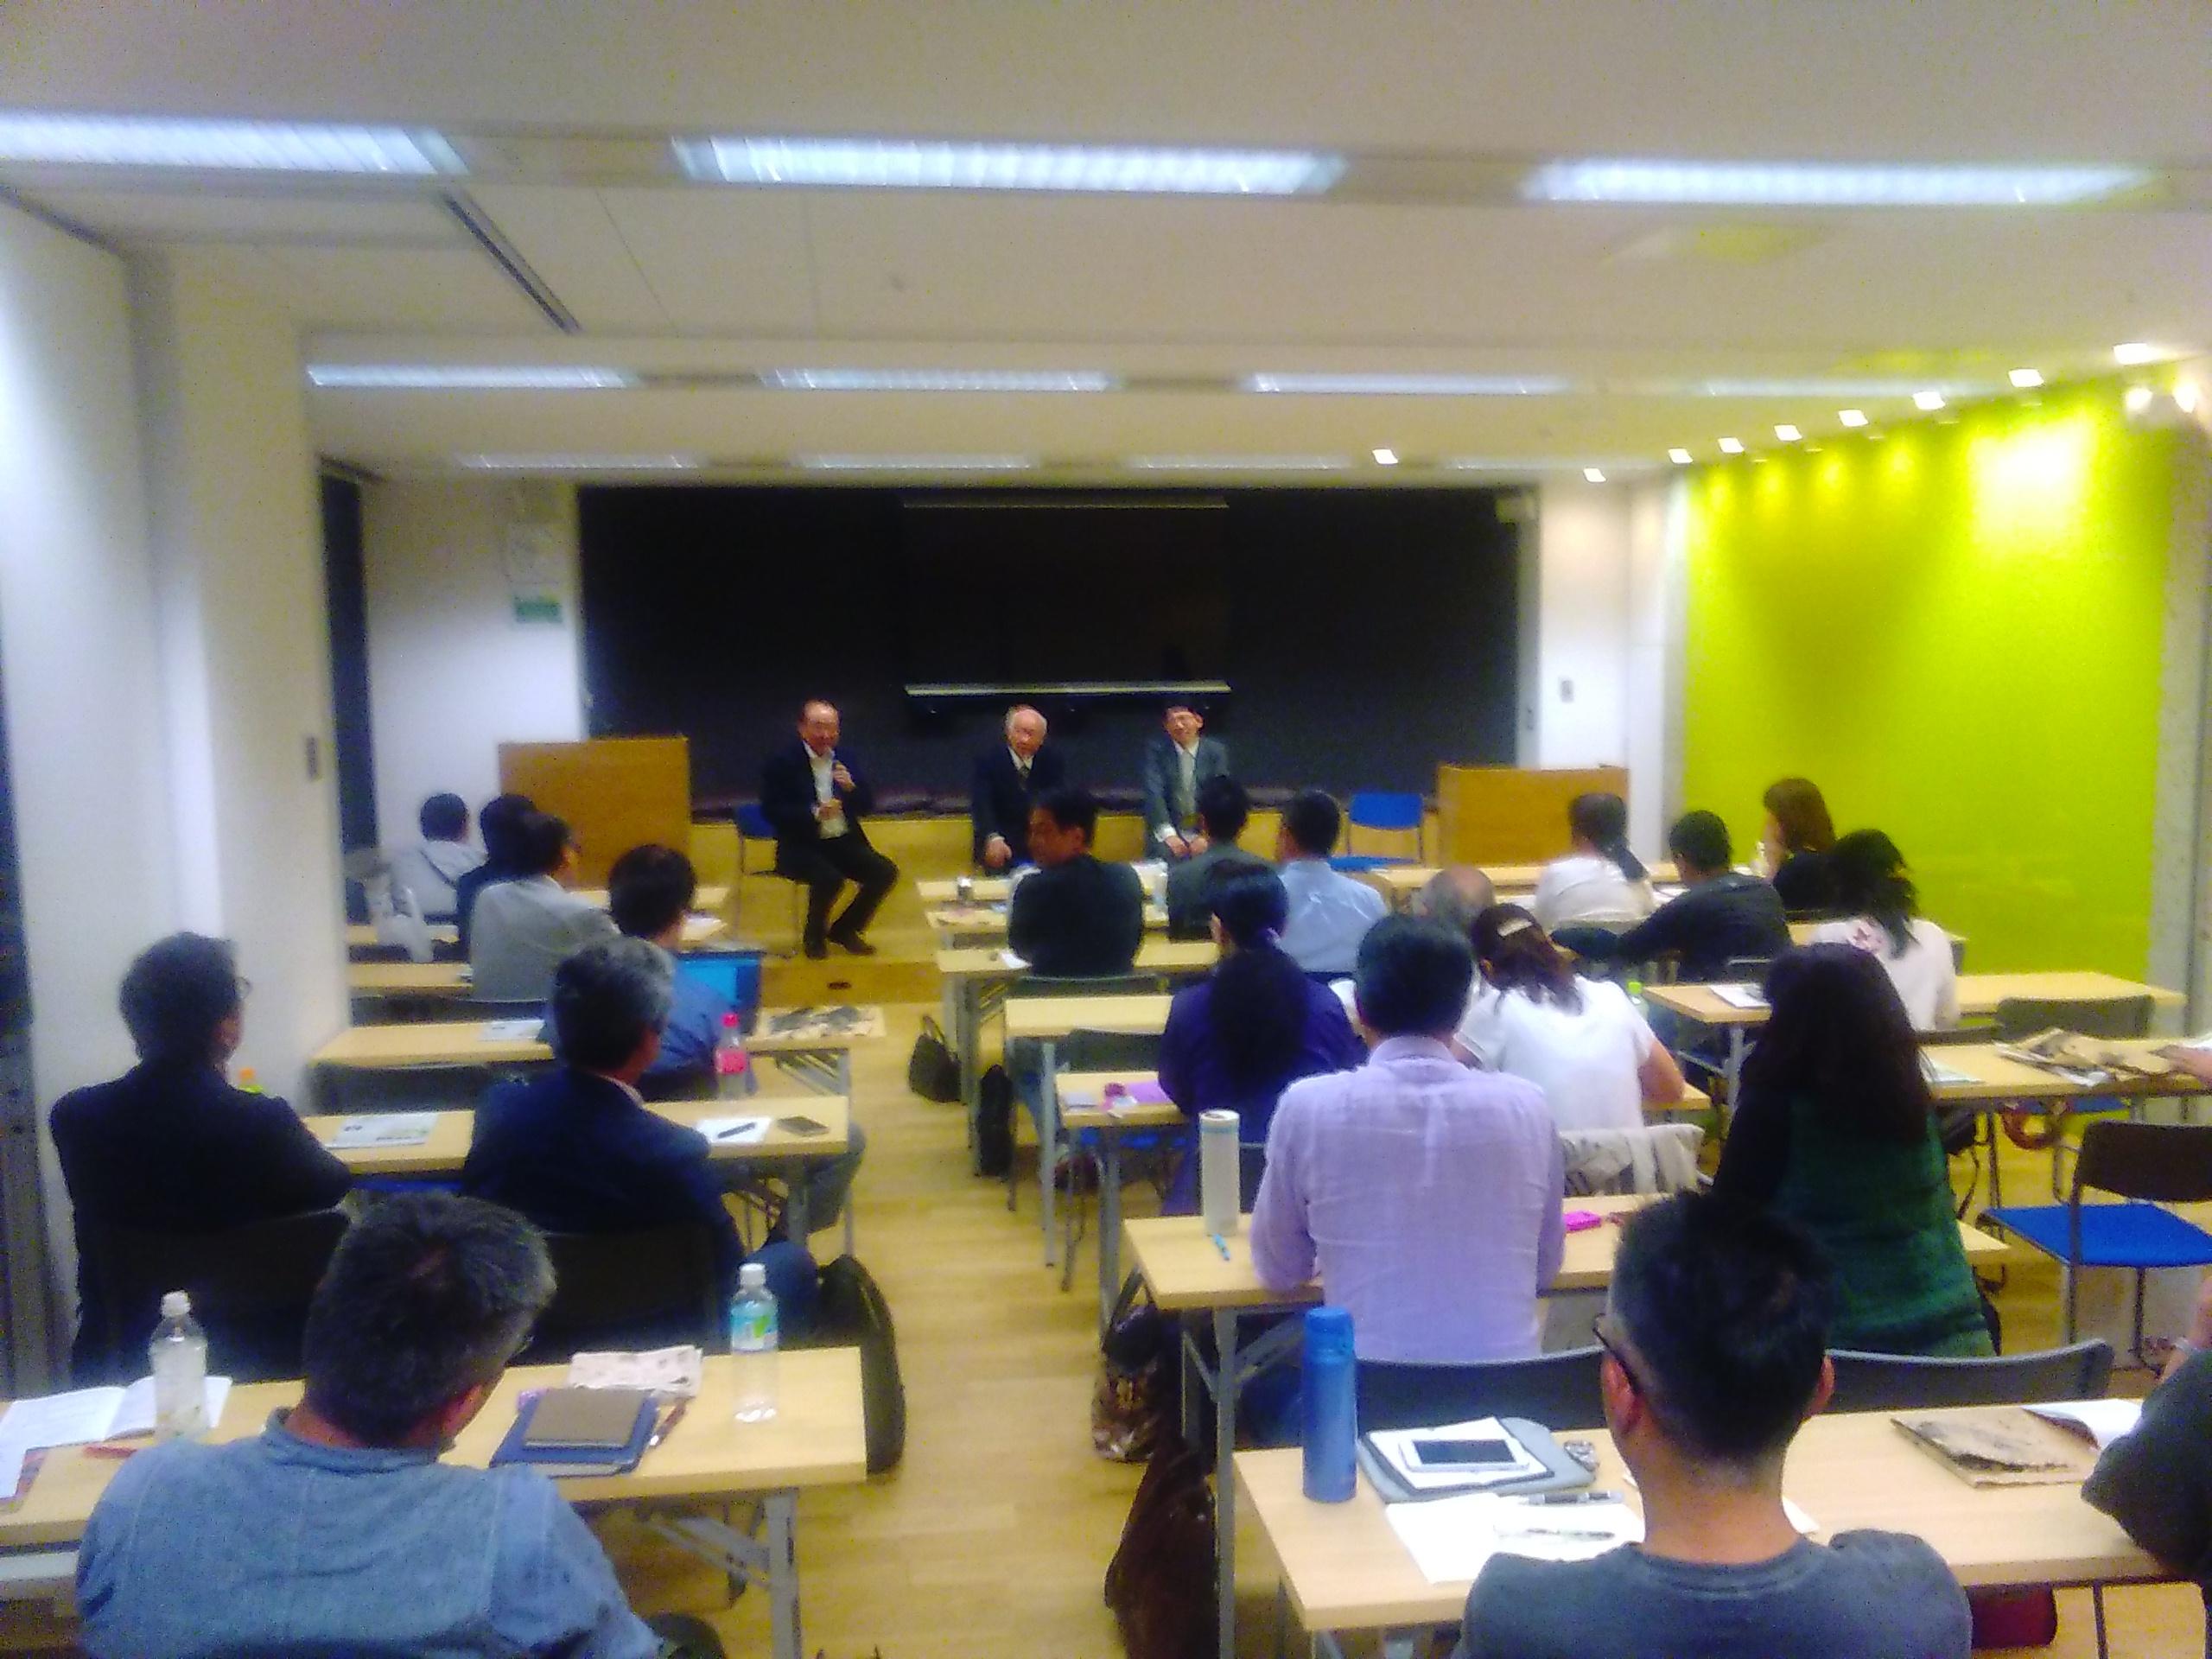 KIMG0194 - 4月1日東京思風塾の開催になります。